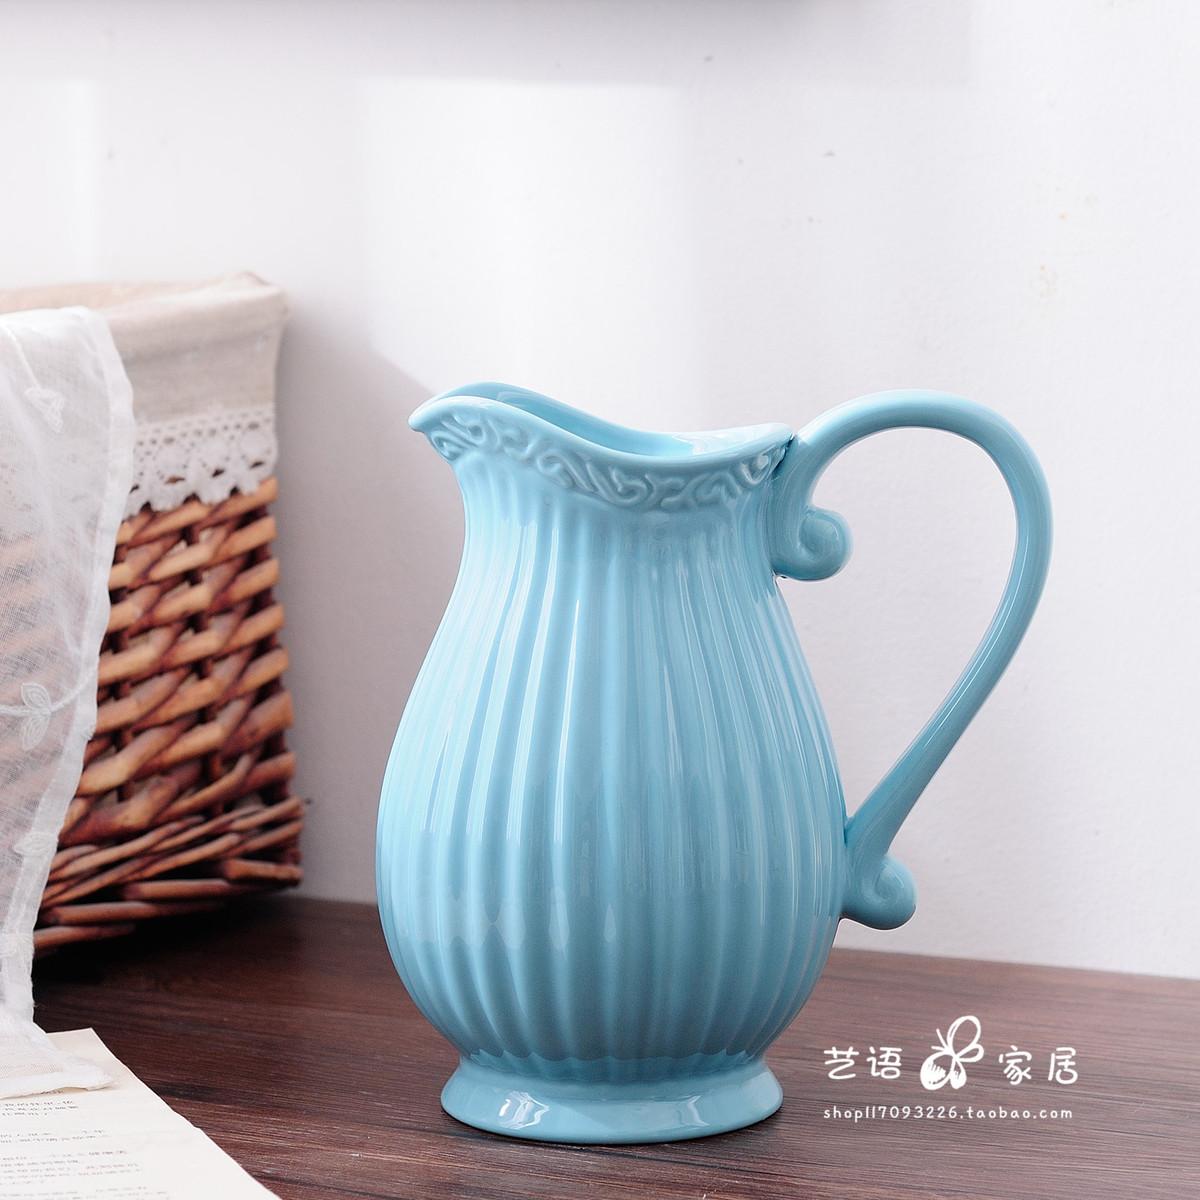 简约欧式水培花瓶陶瓷客厅插花摆件创意干花瓶小清新奶壶白色蓝色